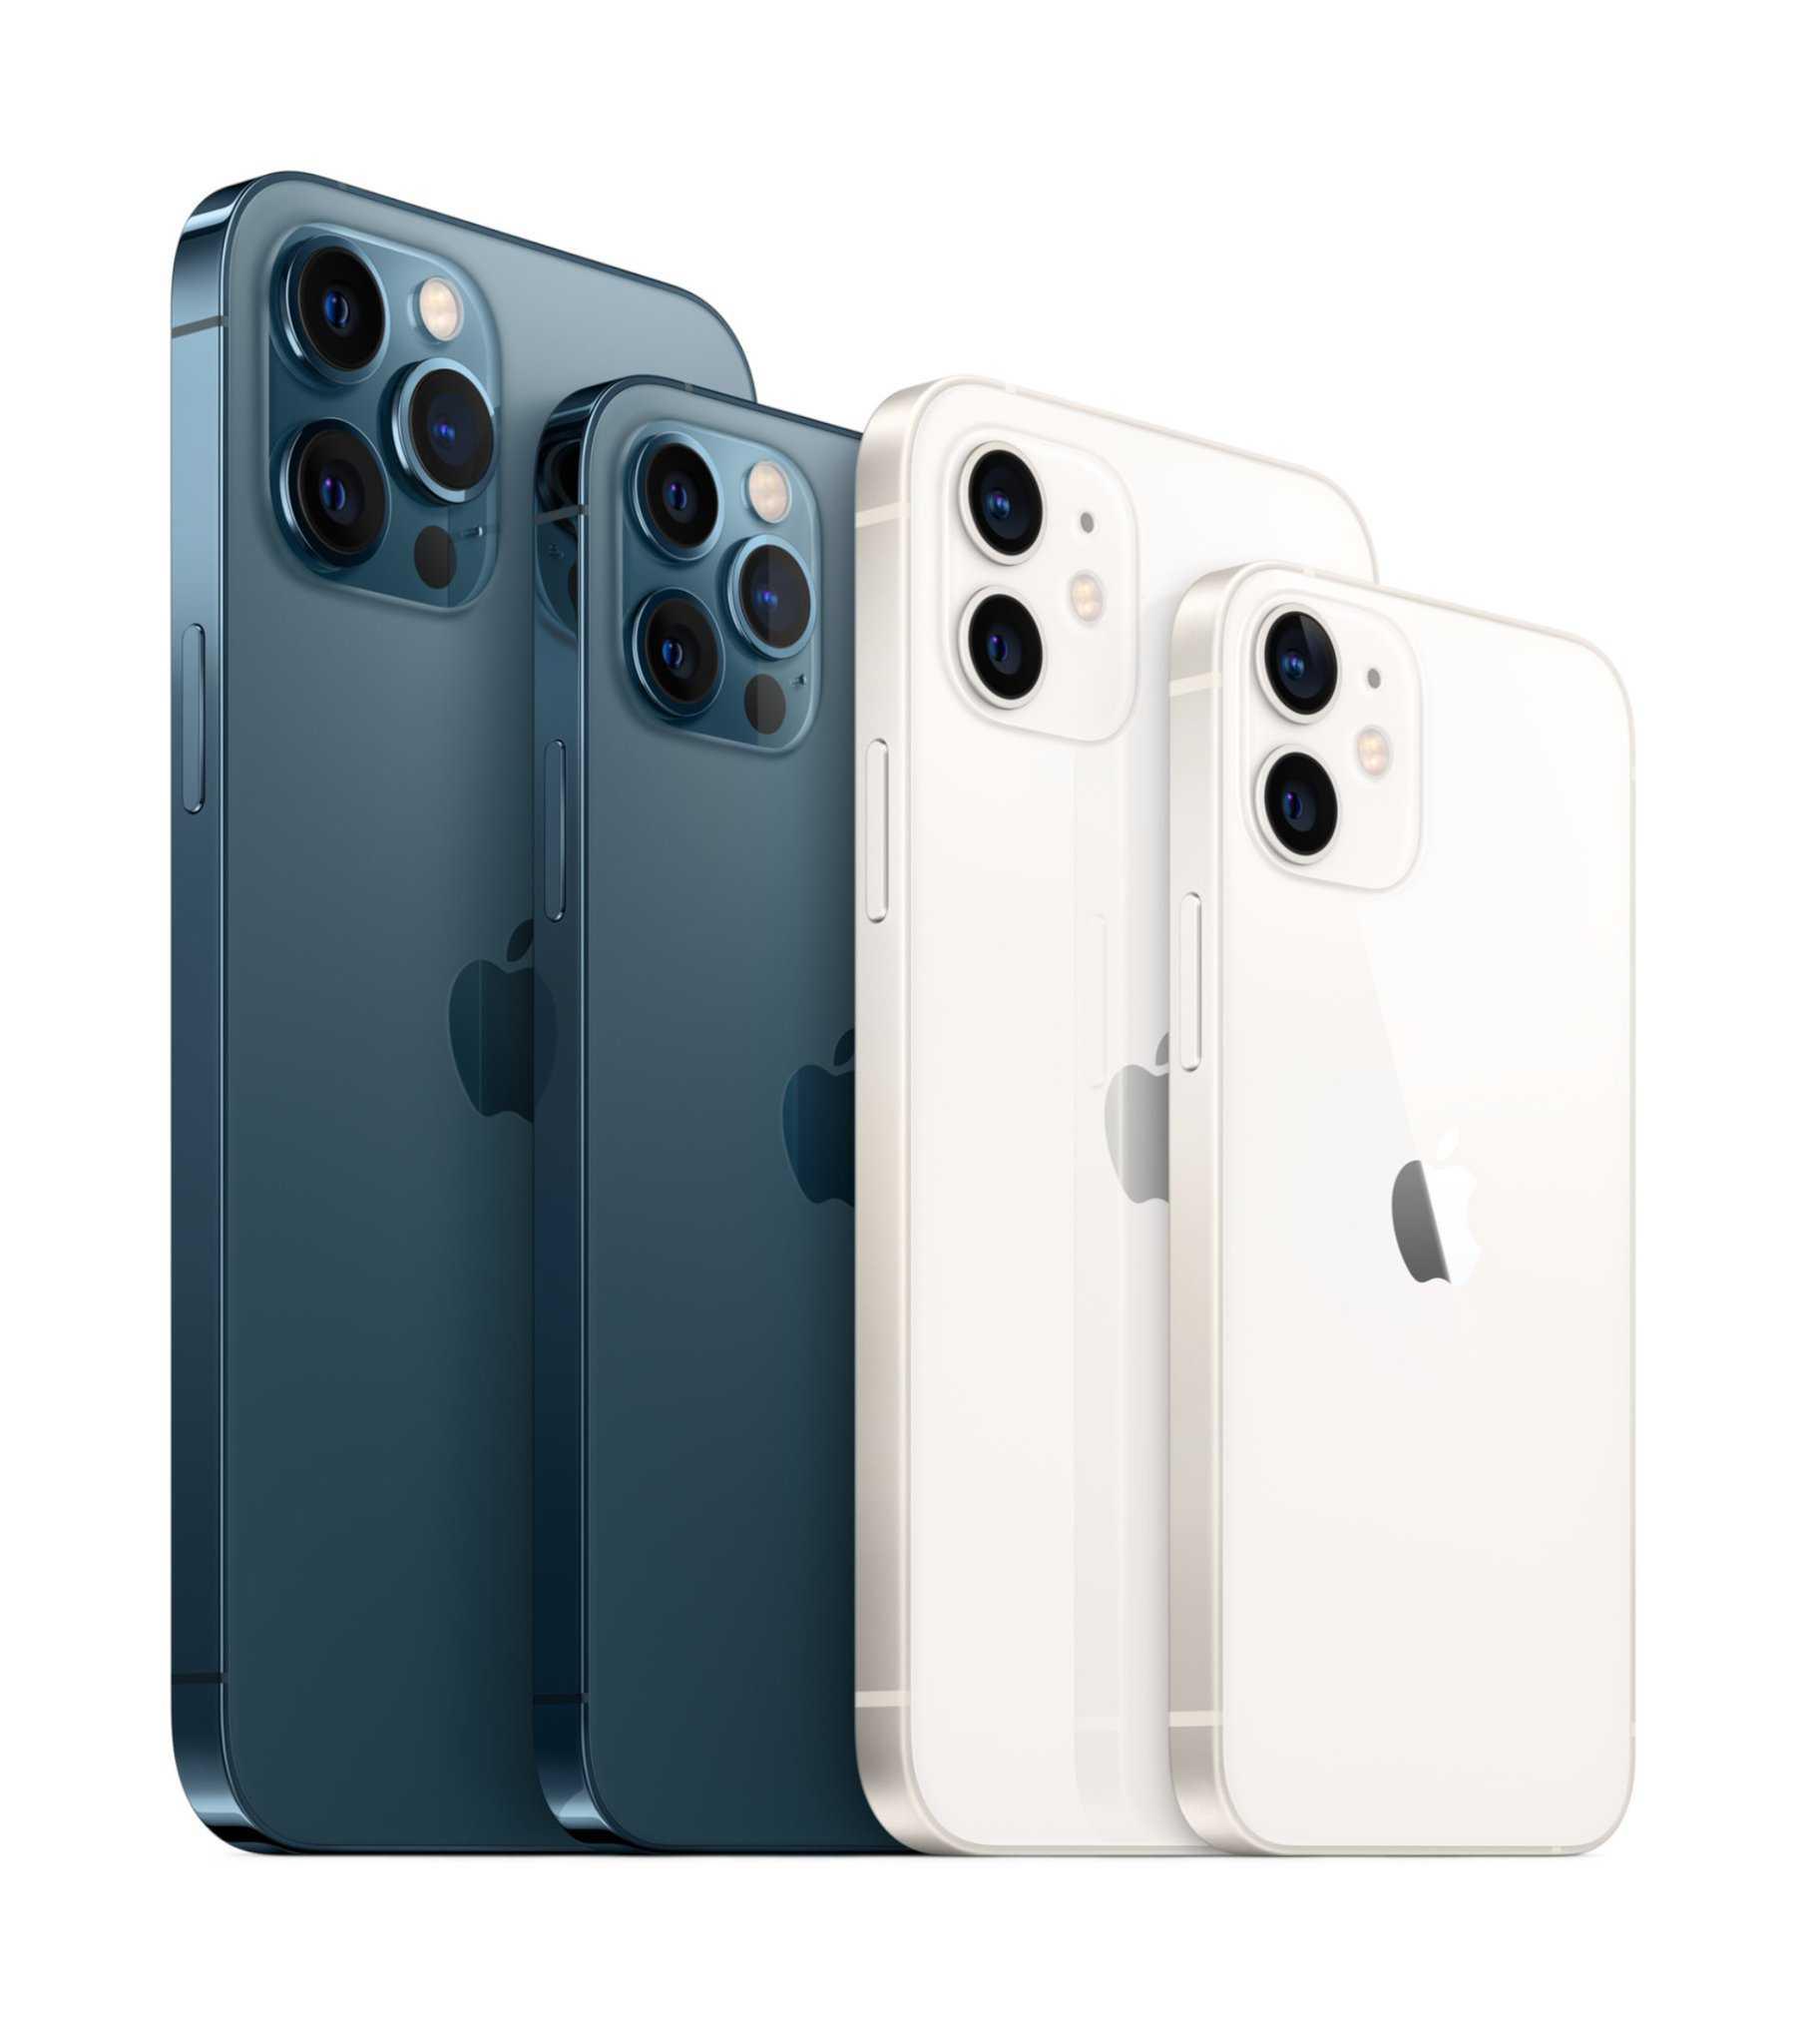 Что нужно брать из новинок apple 2020 года прямо сегодня (я уже заказал)